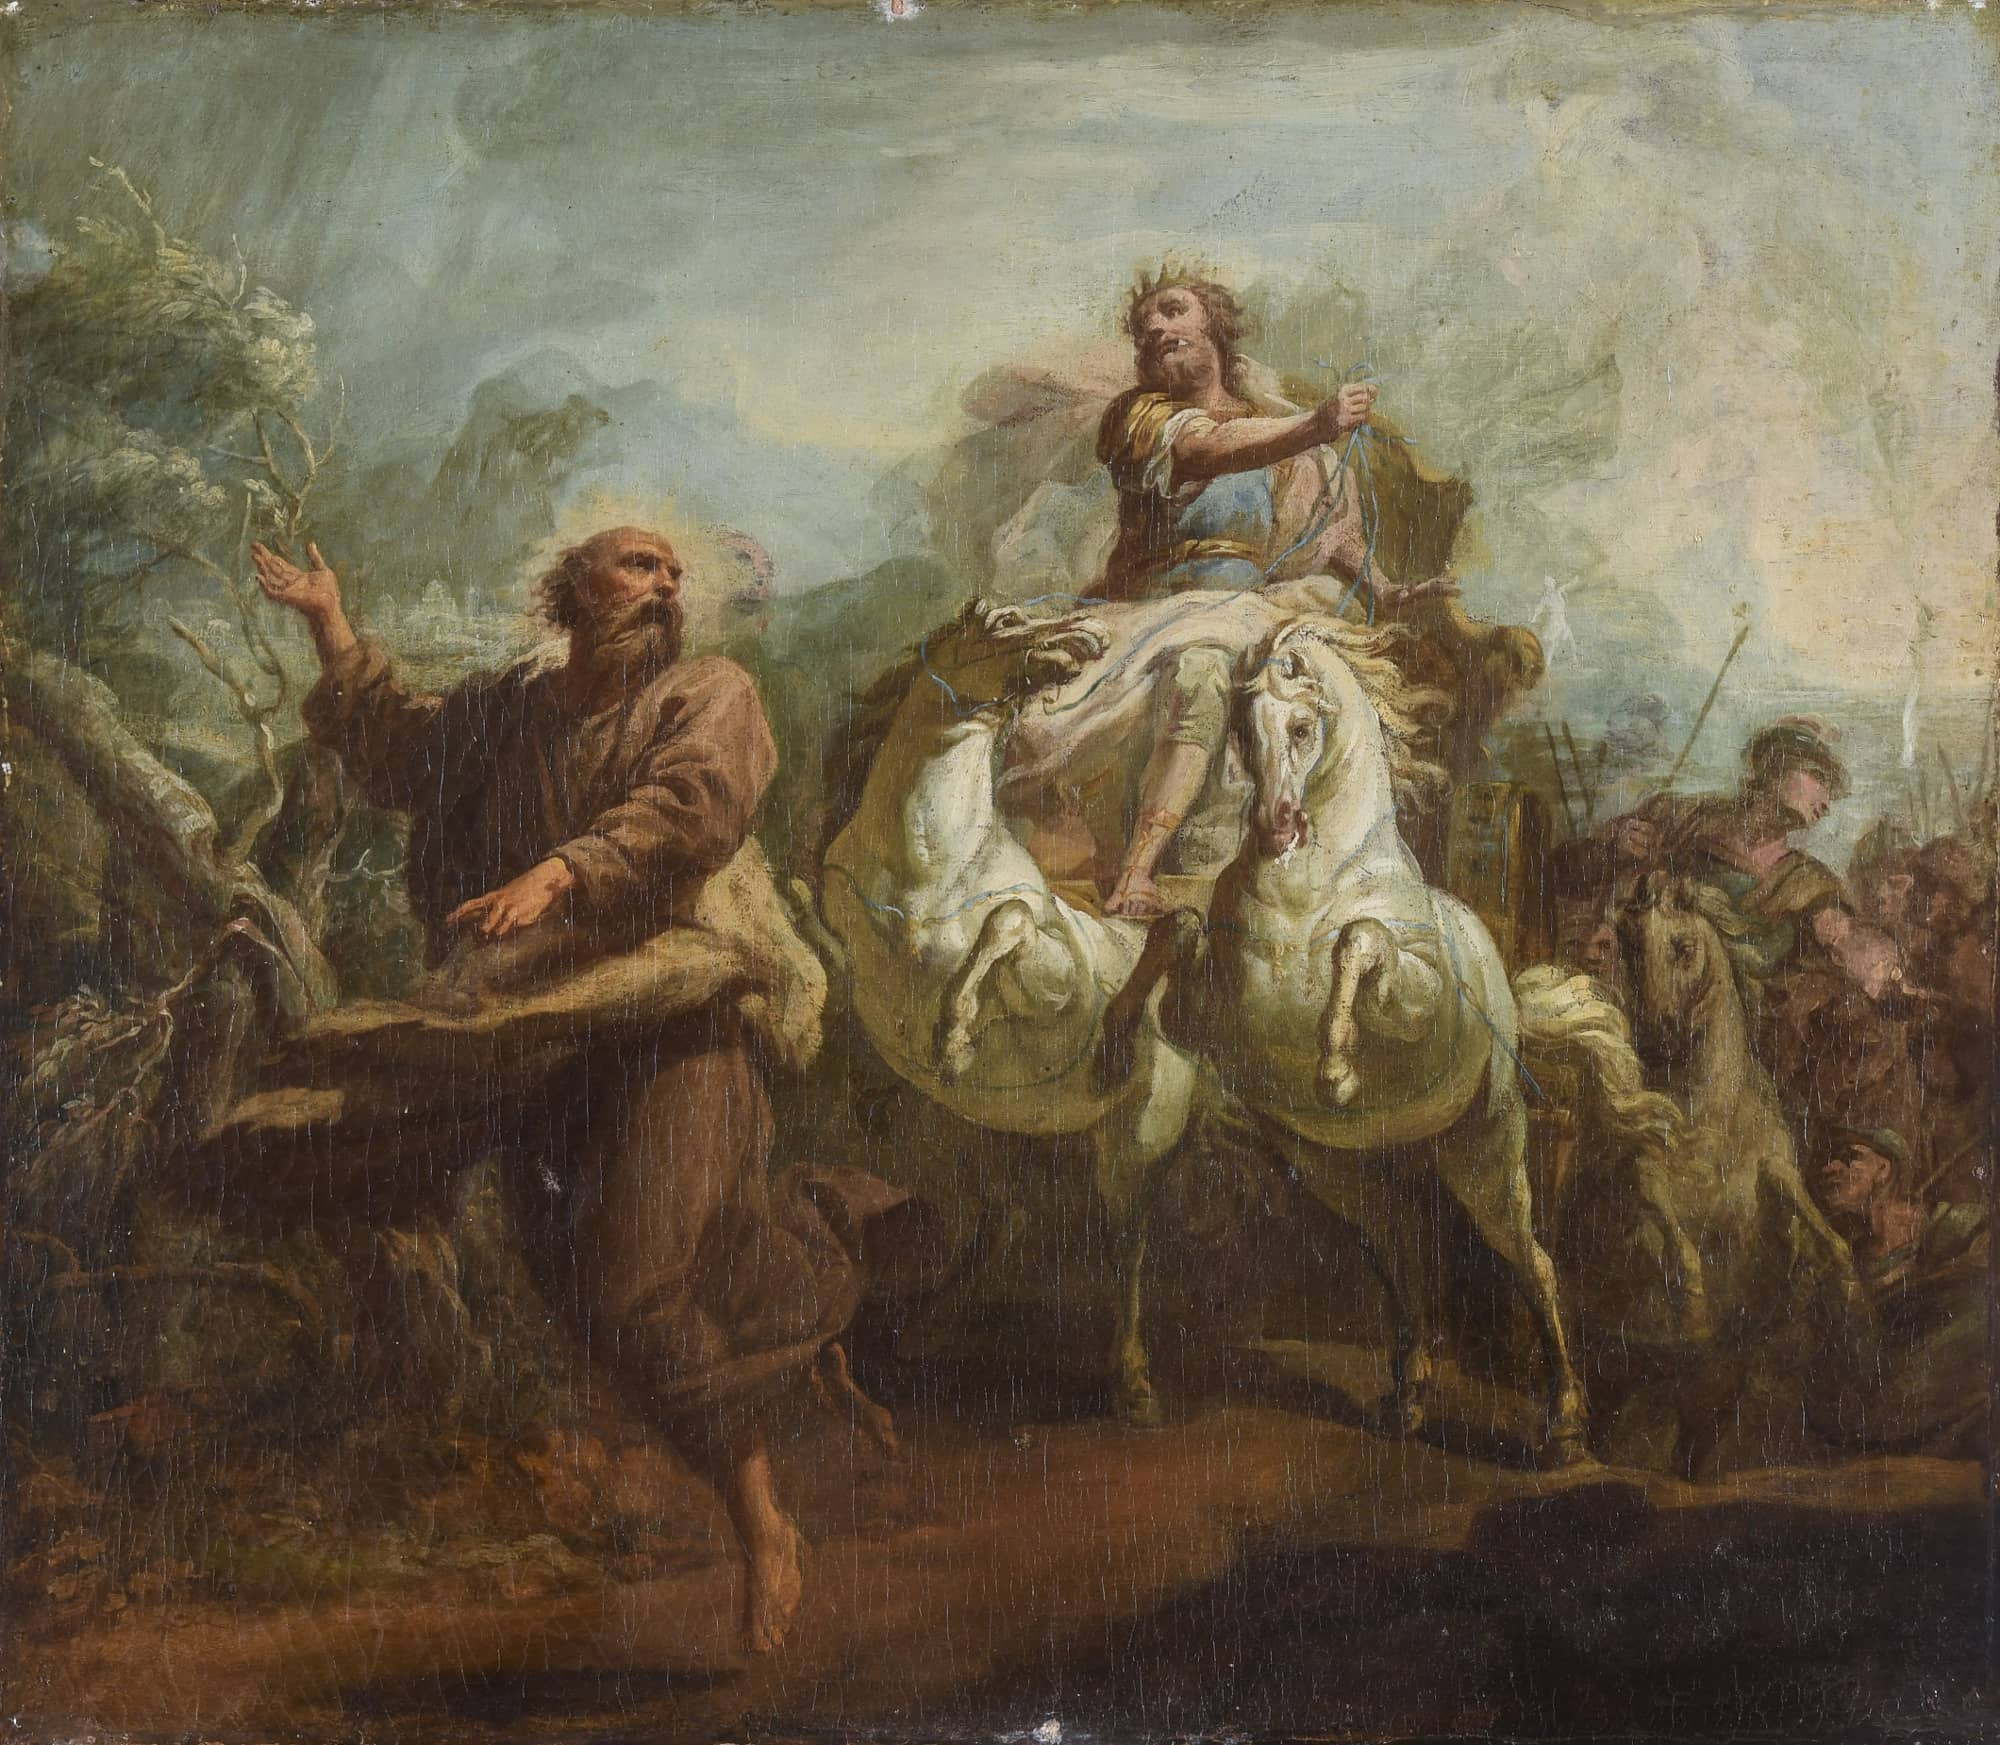 Elie précédant Achab vers Izréel pour annoncer la fin de la sécheresse